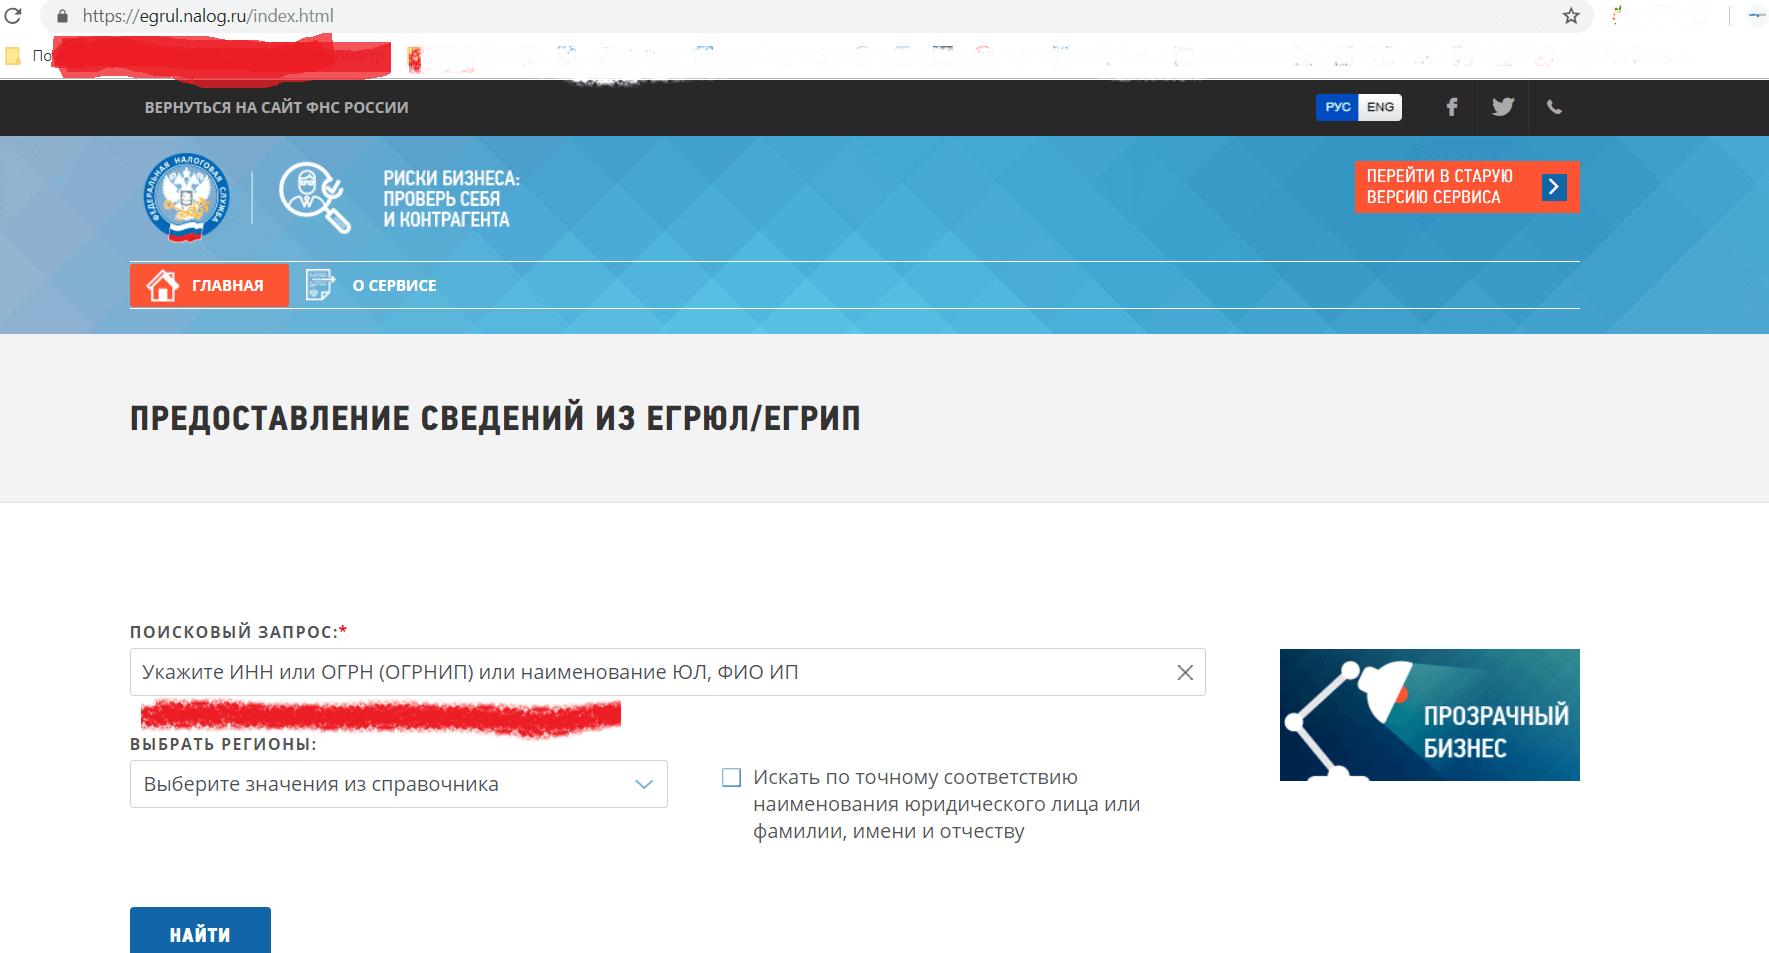 Проверка по ИНН на сайта ФНС